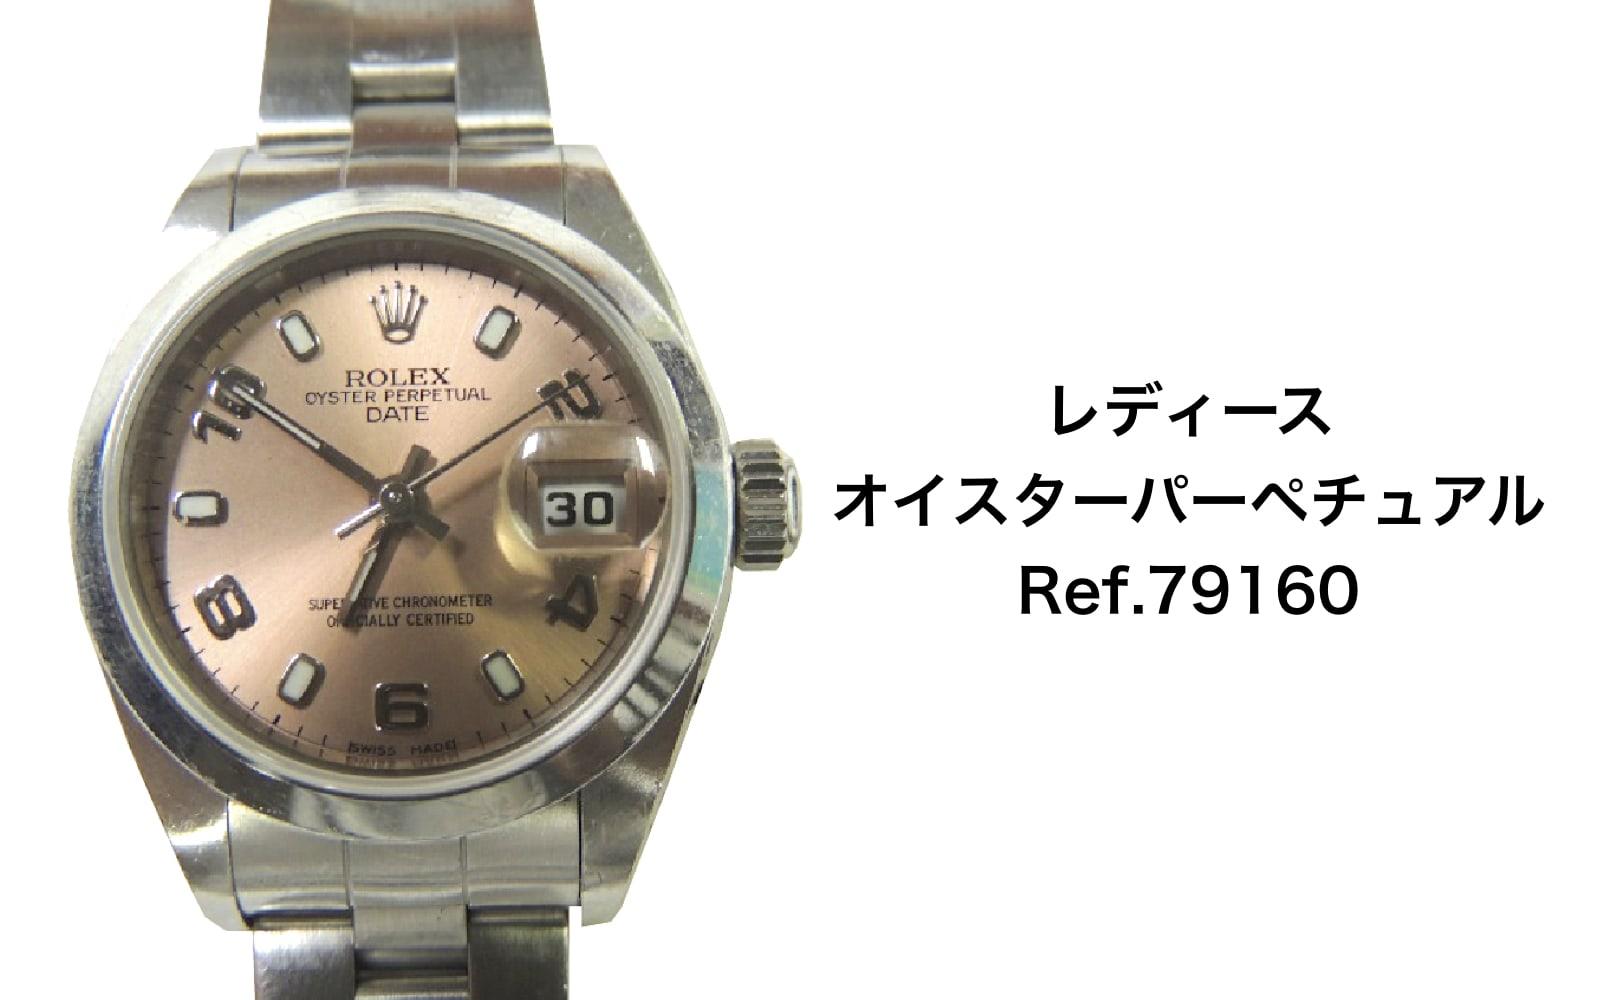 ロレックス買取レディオイスターパーペチュアル79160